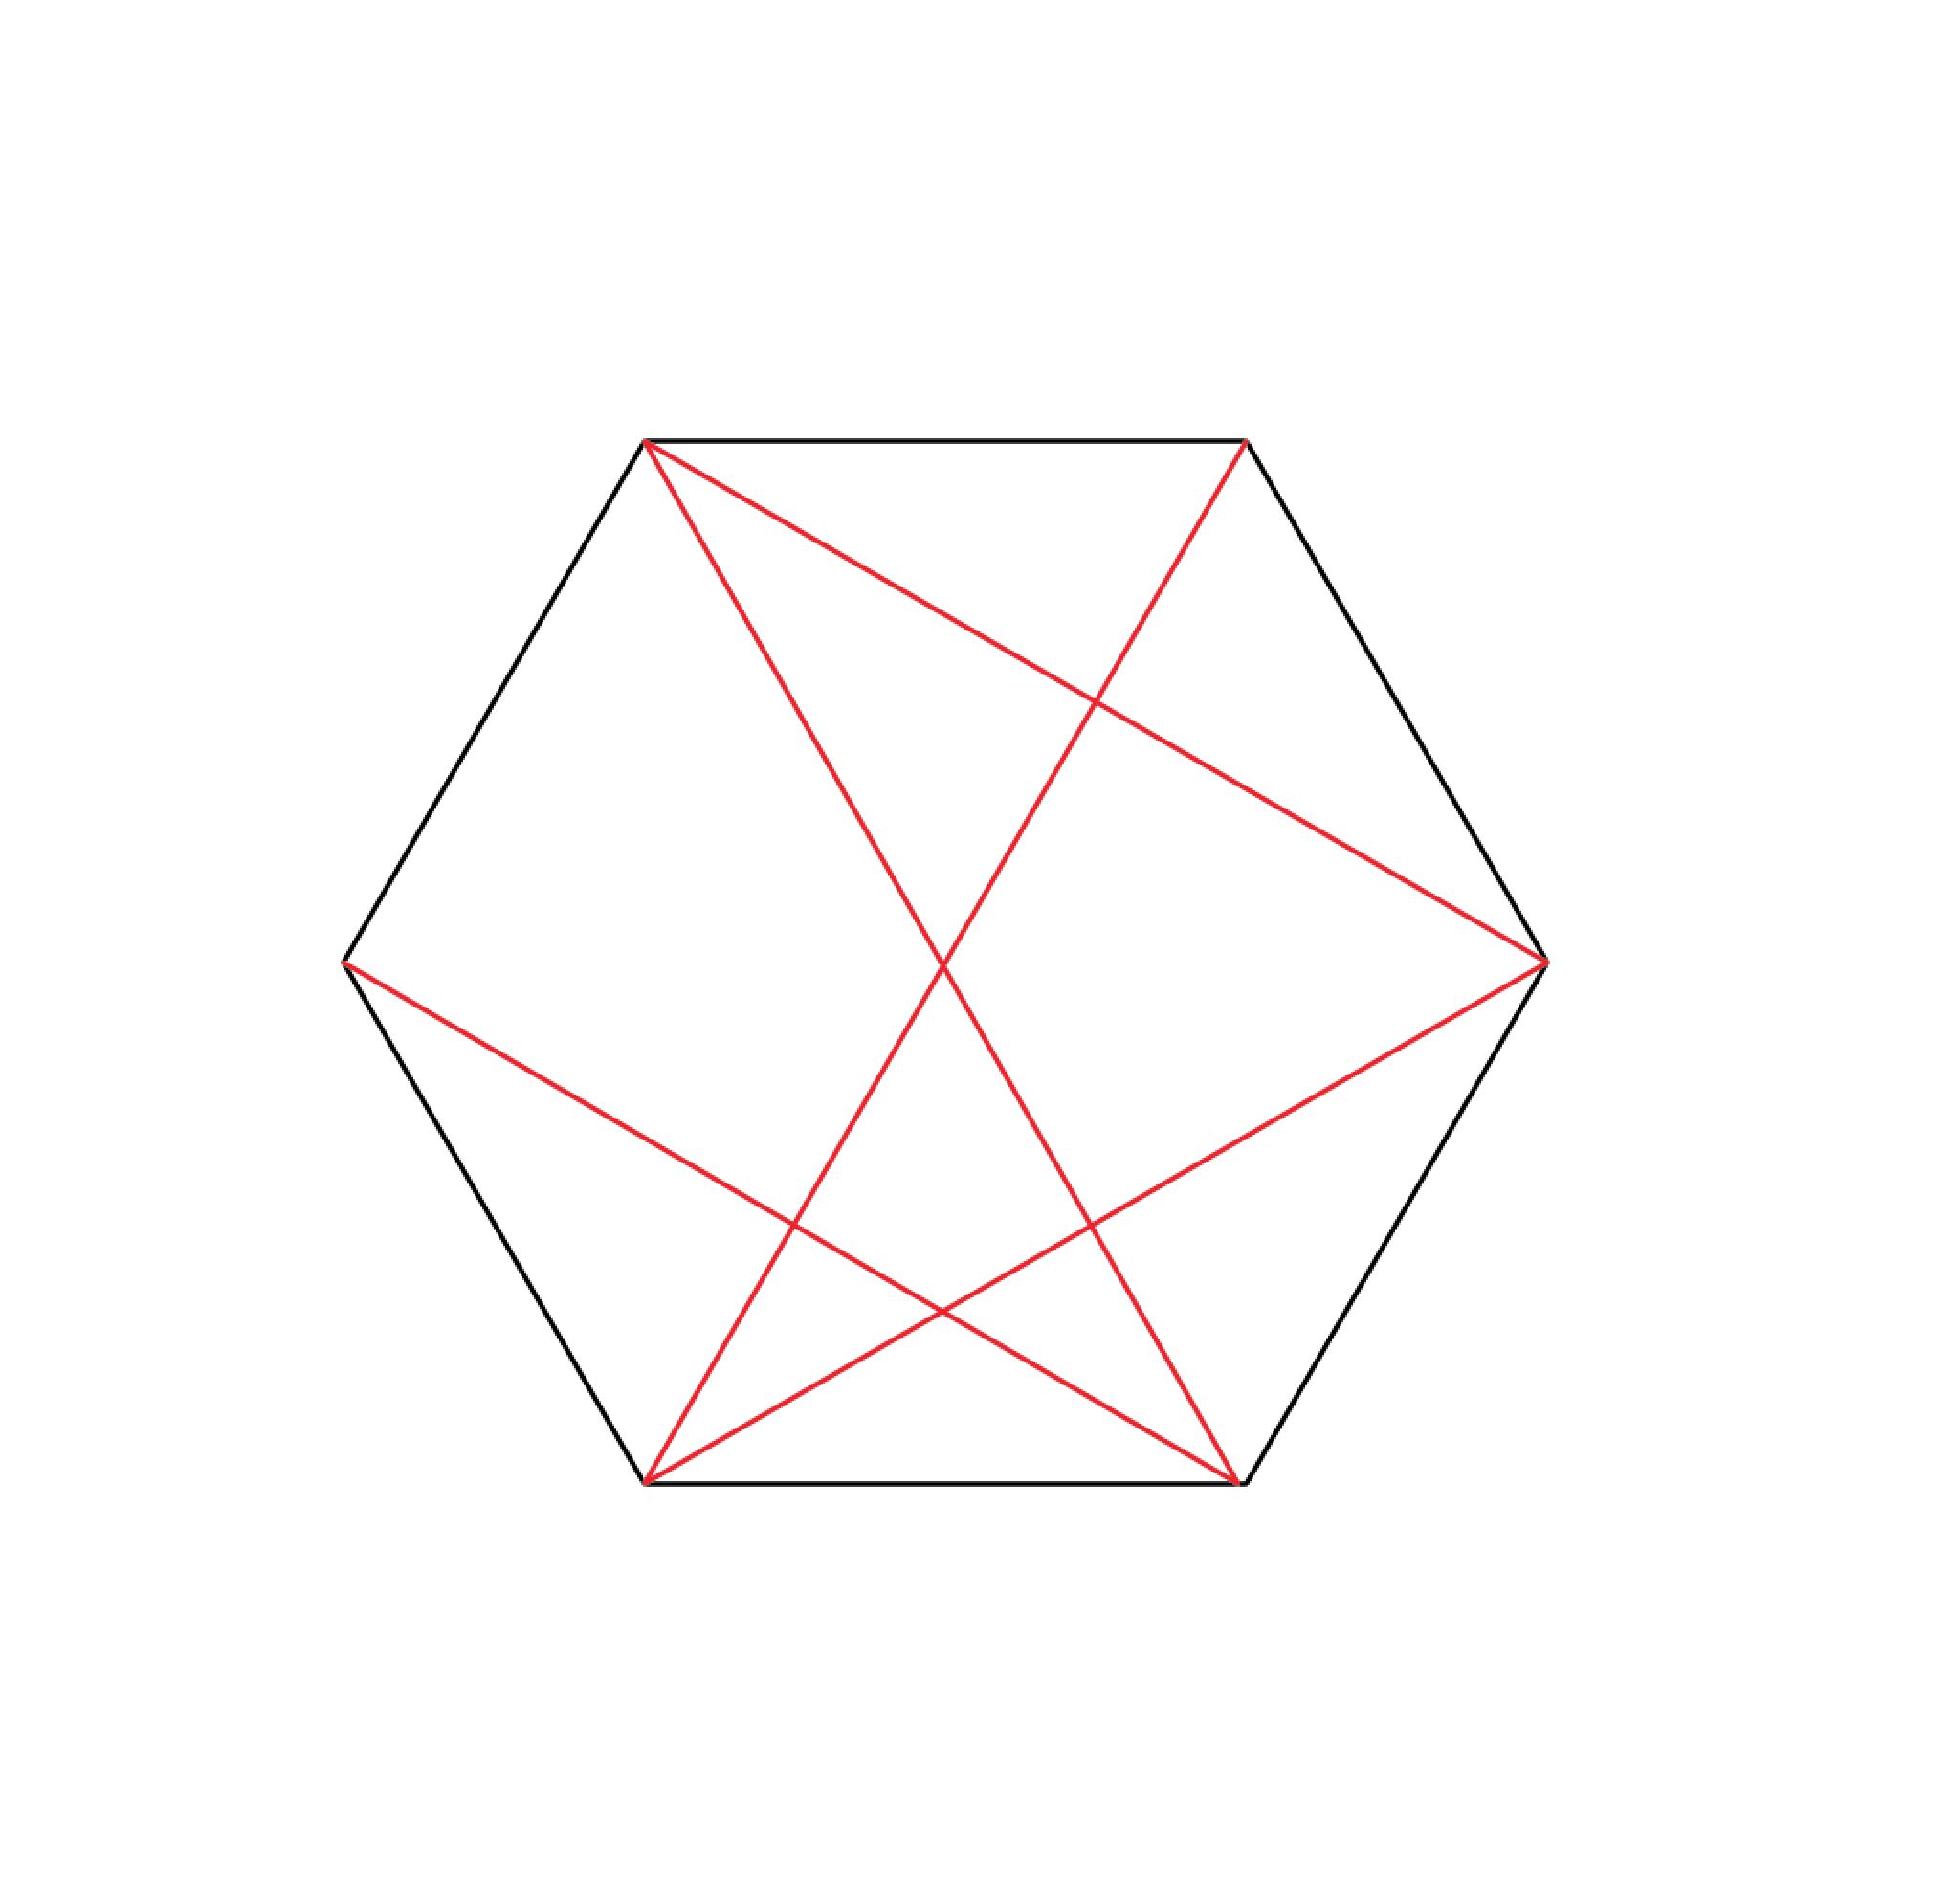 El truco que os comento solo vale para el pentágono, para el hexágono no vale, como puedes ver en la imagen de ejemplo.